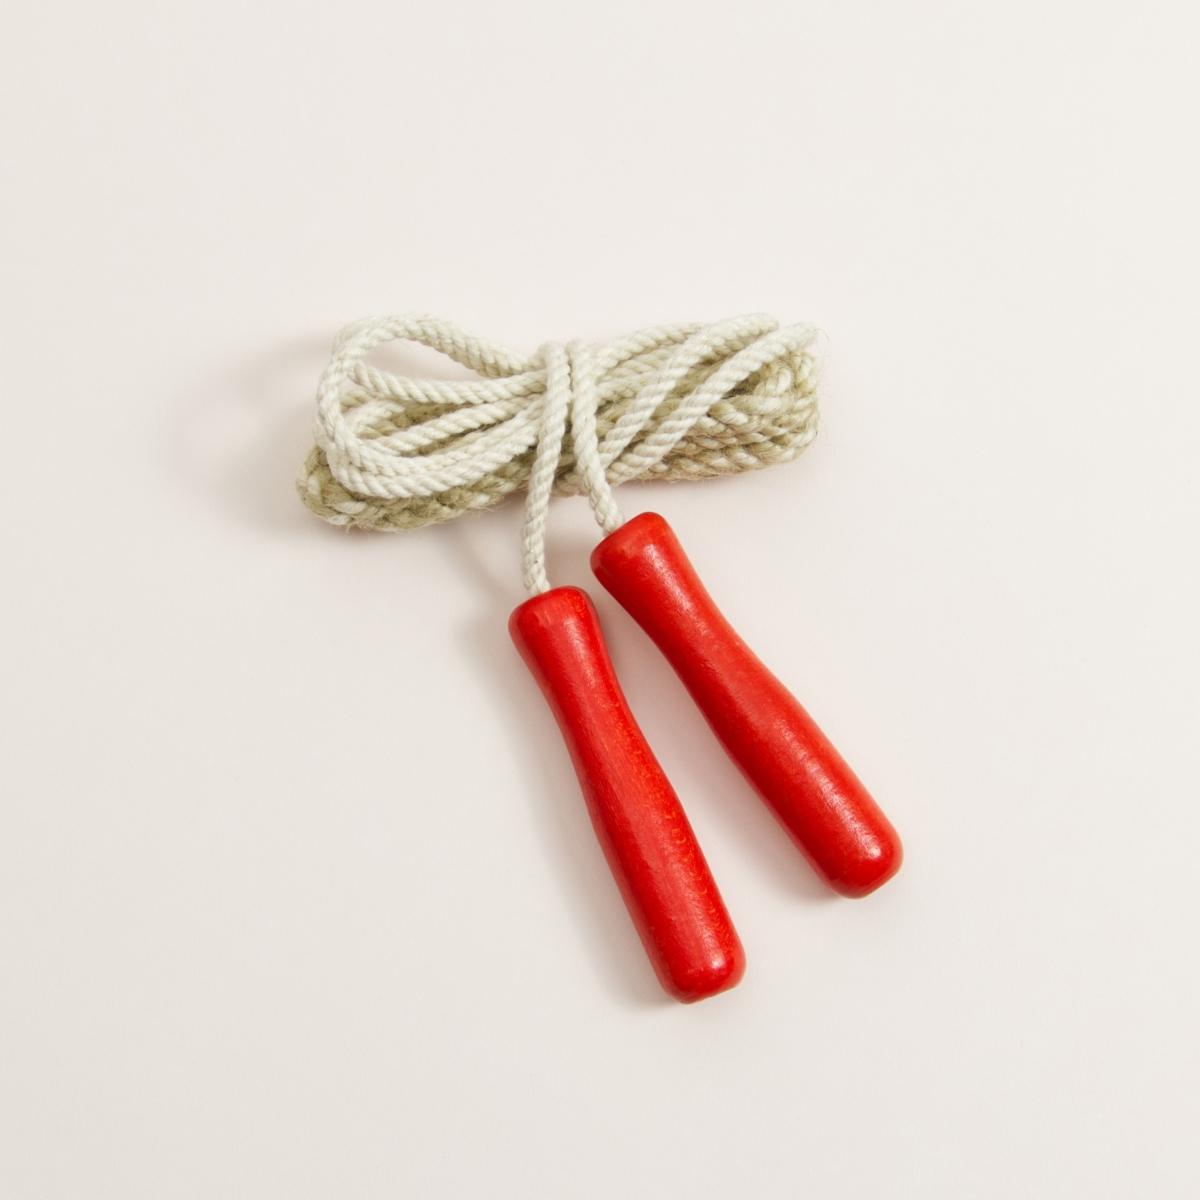 Springseil mit roten Griffen aus Buchenholz und weißes Seil aus Baumwolle aufgerollt